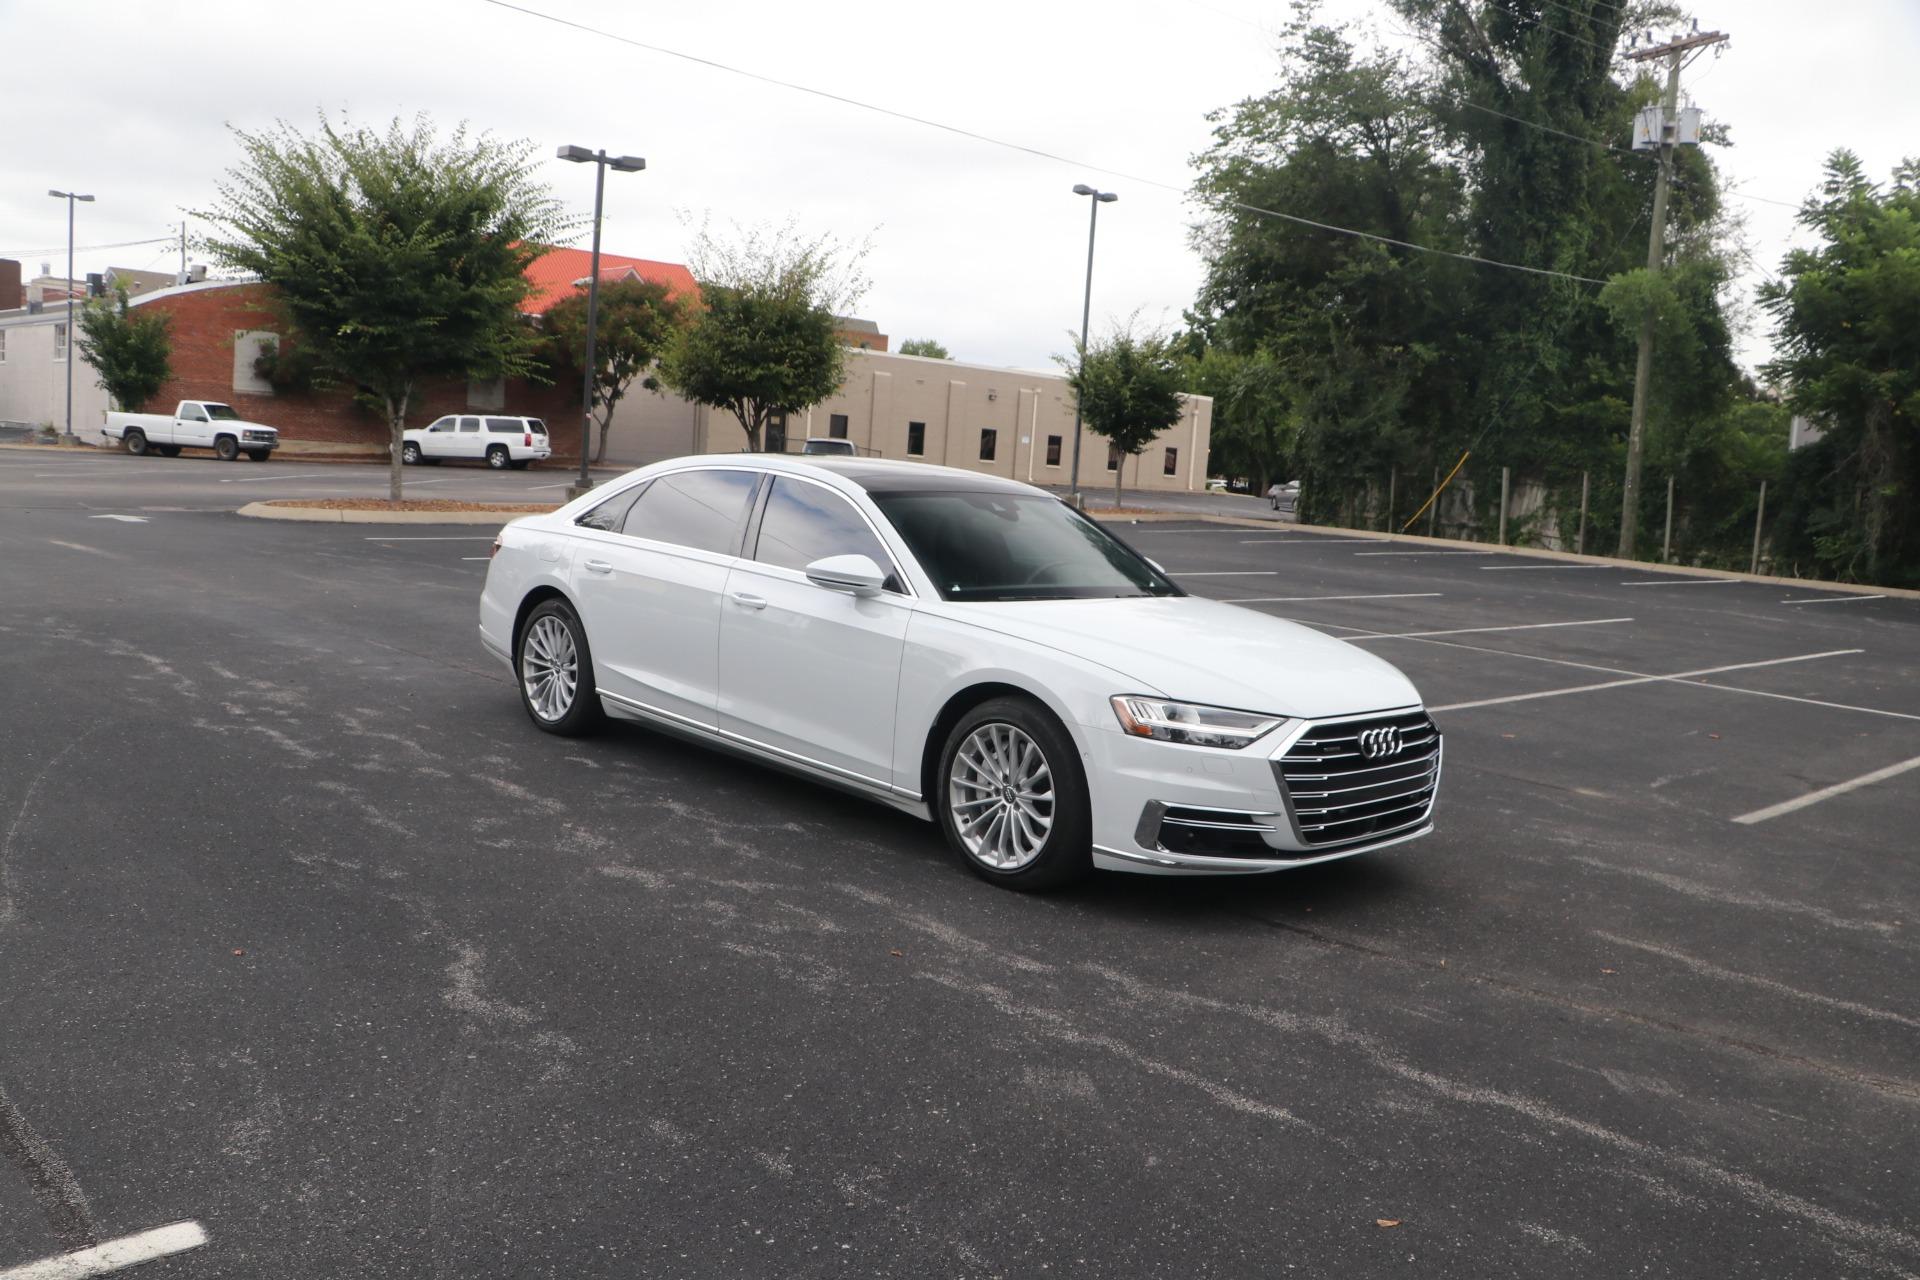 Used 2019 Audi A8 L 3.0T quattro LUXURY W/EXECUTIVE PKG for sale $67,140 at Auto Collection in Murfreesboro TN 37130 1